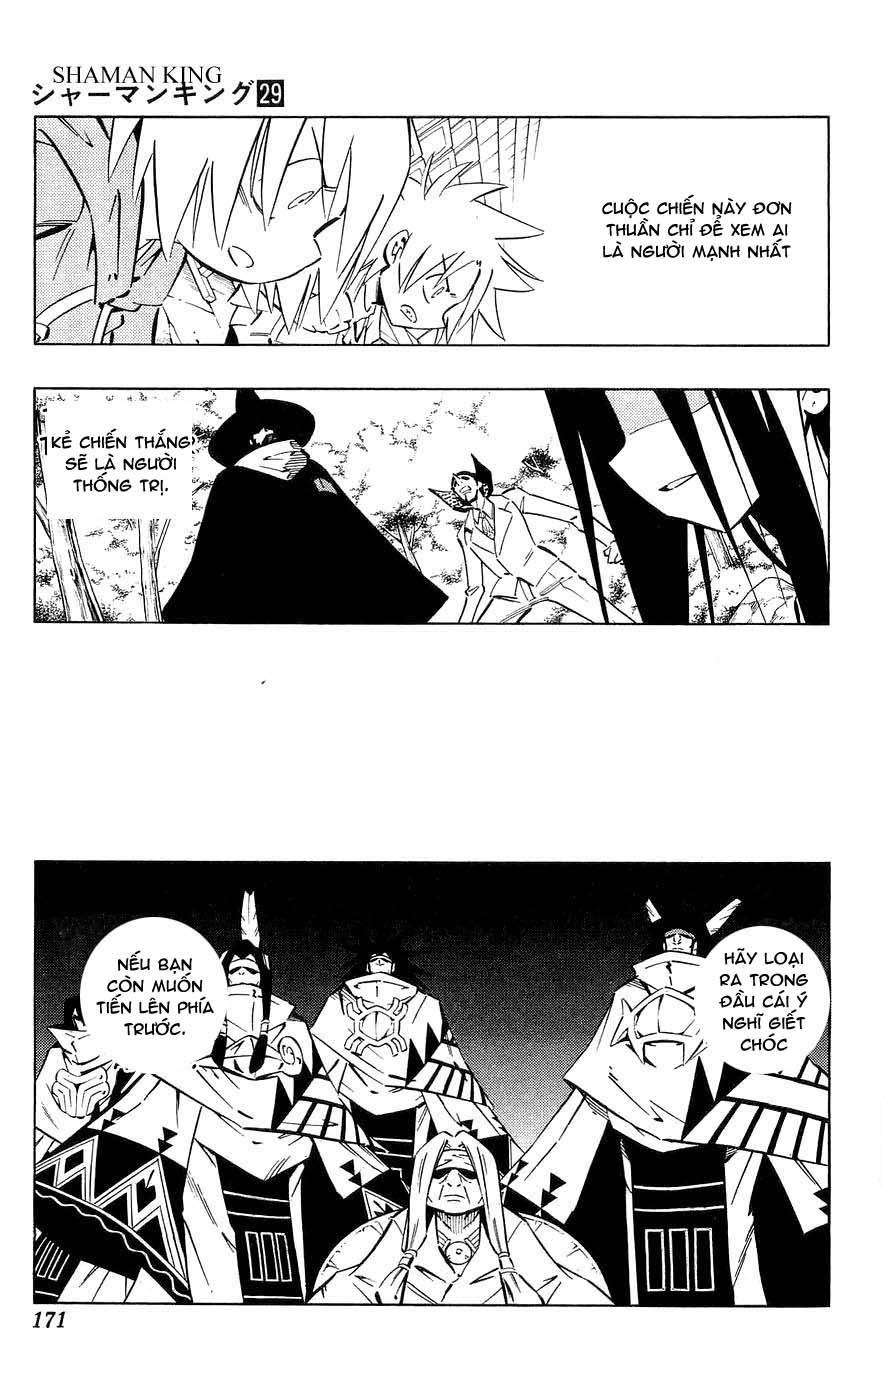 Shaman King [Vua pháp thuật] chap 257 trang 5